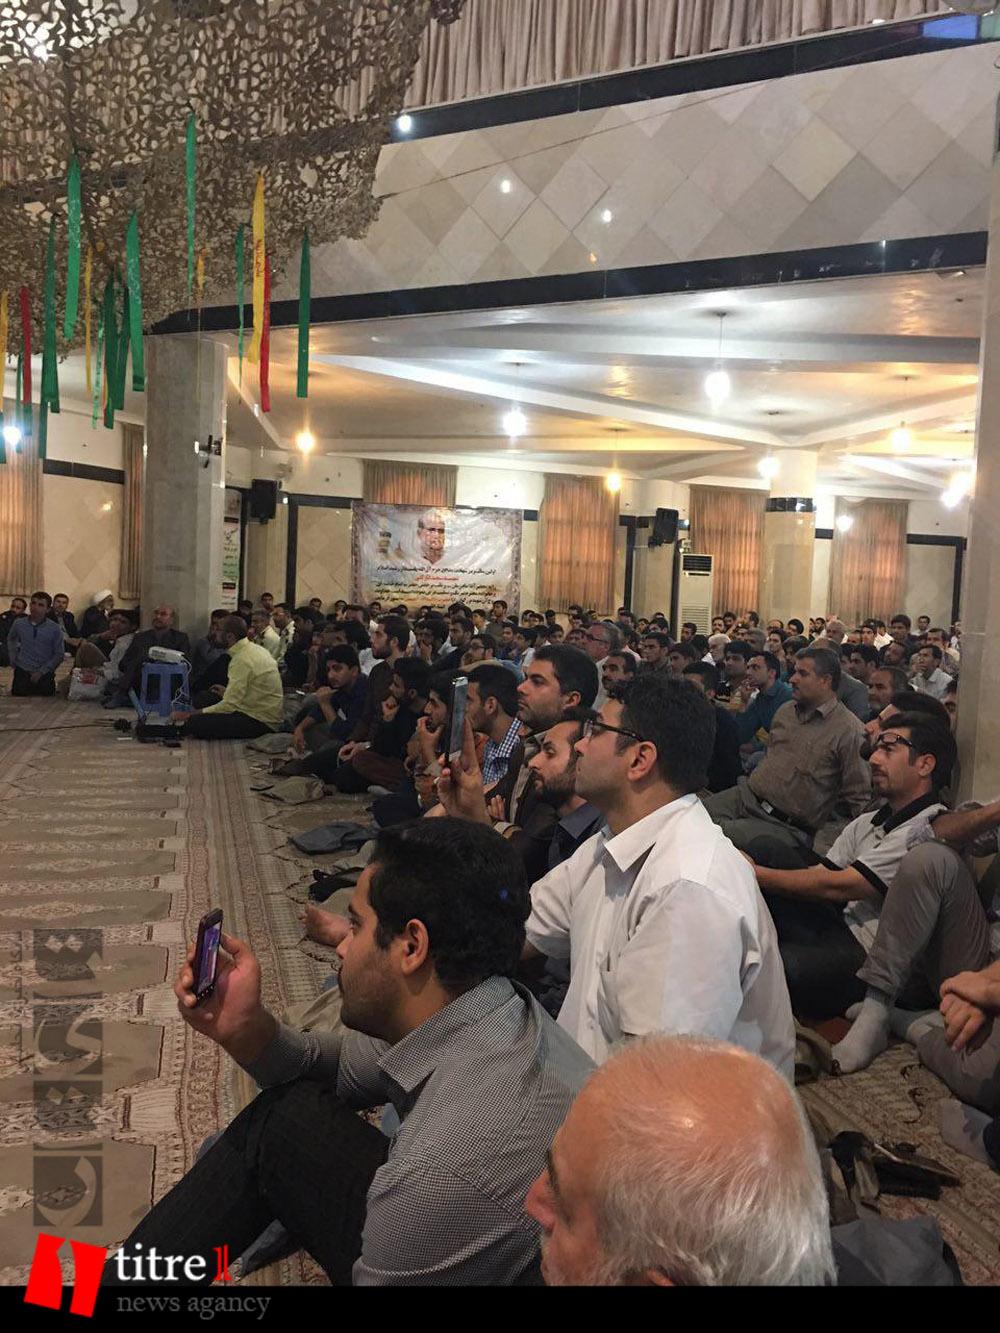 335231 831 نقل از عکسی؛ سخنرانی استاد حسن عباسی در مراسم اولین سالگرد شهید مدافع حرم حاج سعید قارلقی